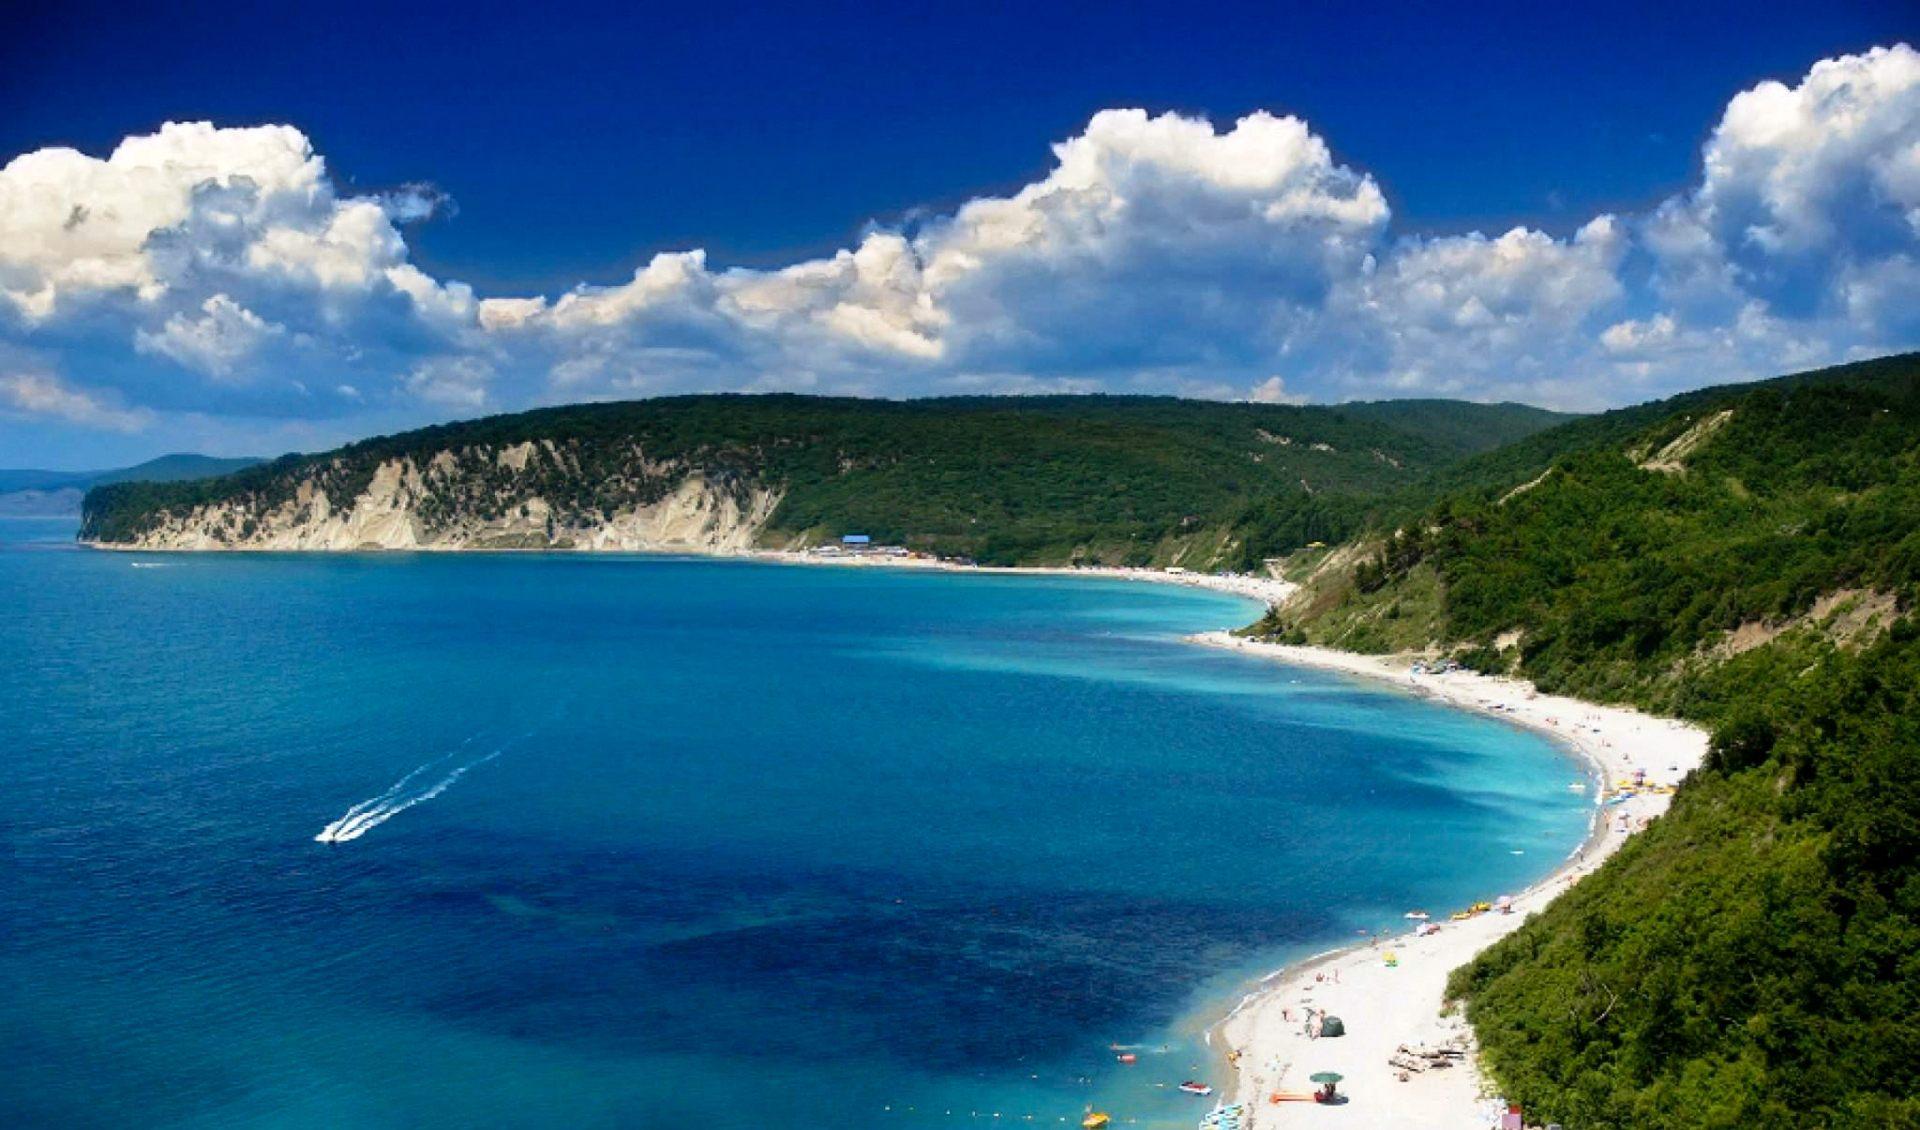 Чёрное море стало снова прозрачным через неделю после шторма